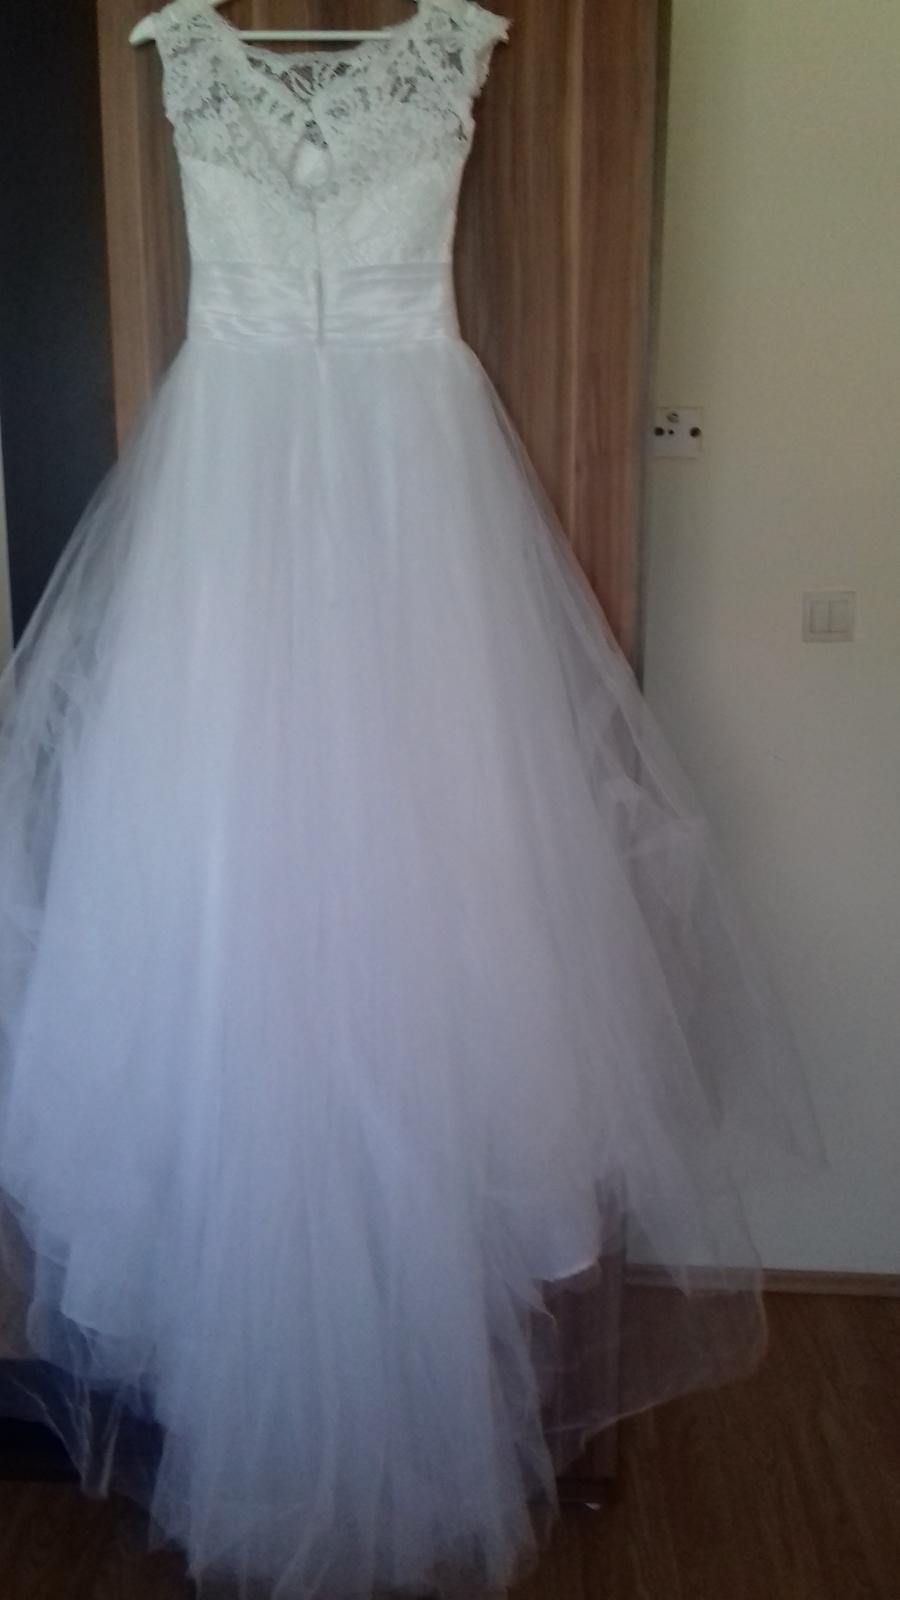 Svadobné šaty pre nižšiu nevestu - Obrázok č. 3